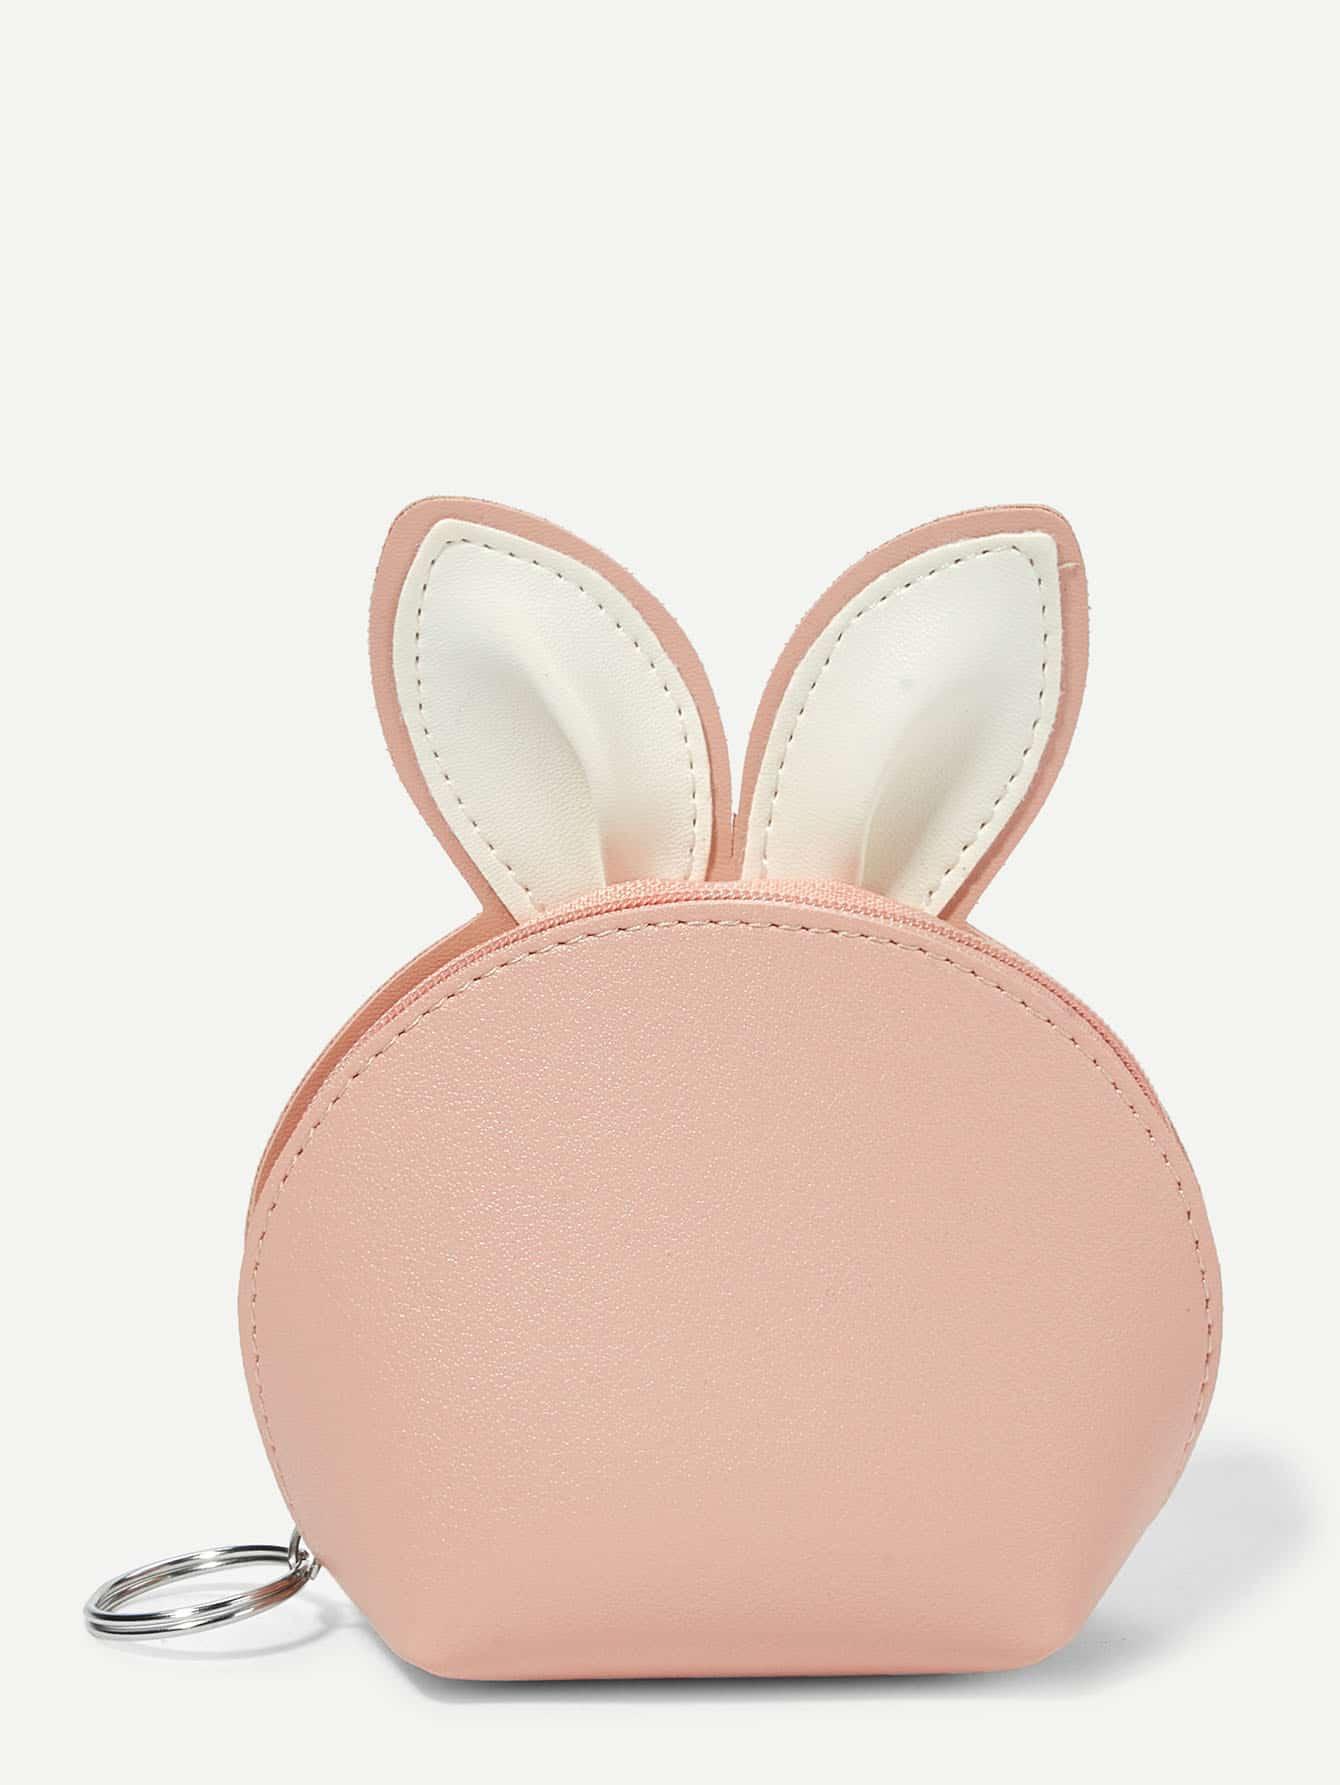 Girls Rabbit Ear Zipper Wallet